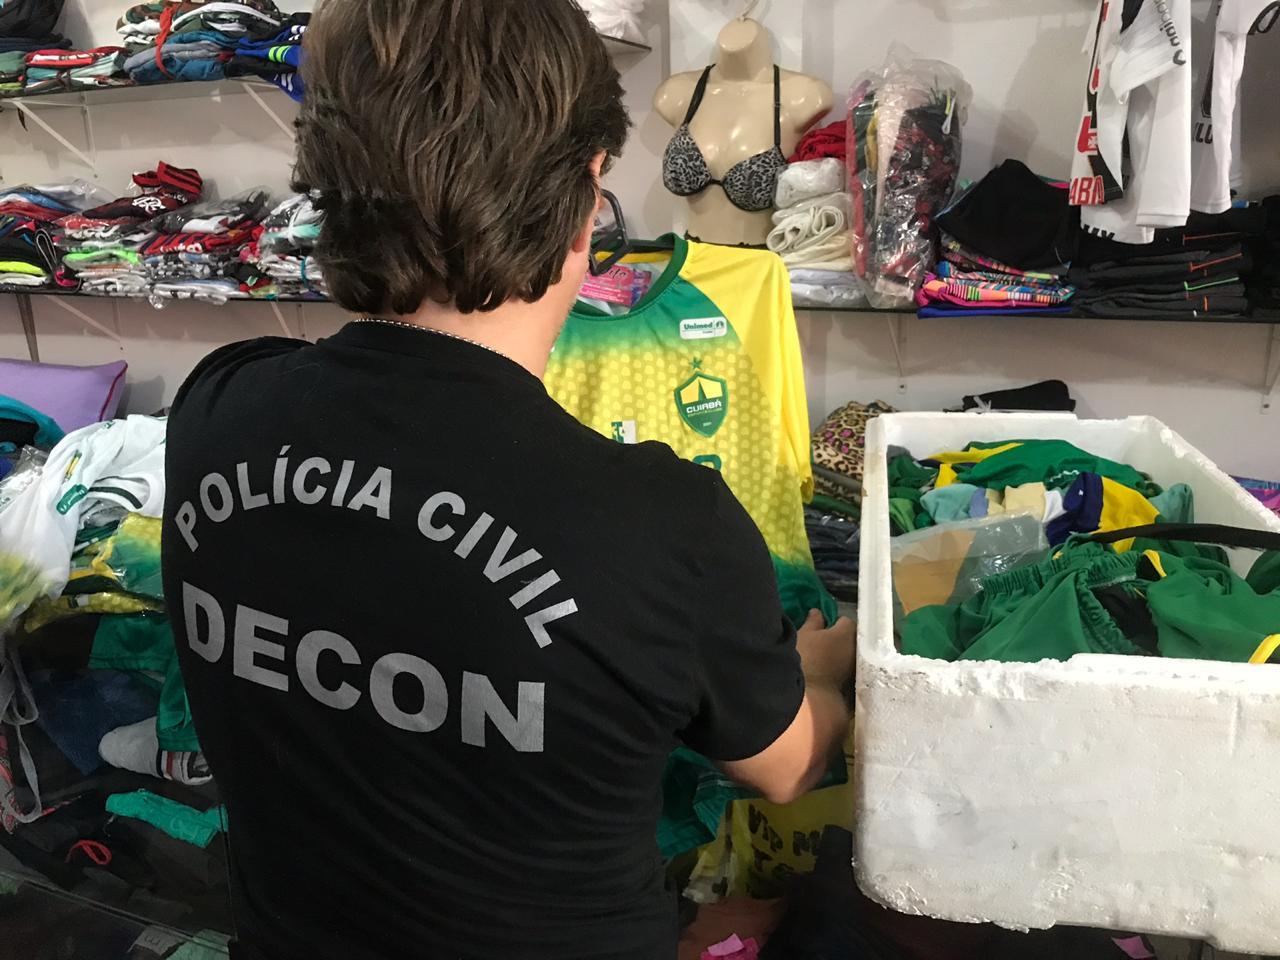 A dona confessou que compra por R$ 20,00 as camisetas e revende por R$ 30 a 40 reais. (Foto: divulgação PJC/MT)